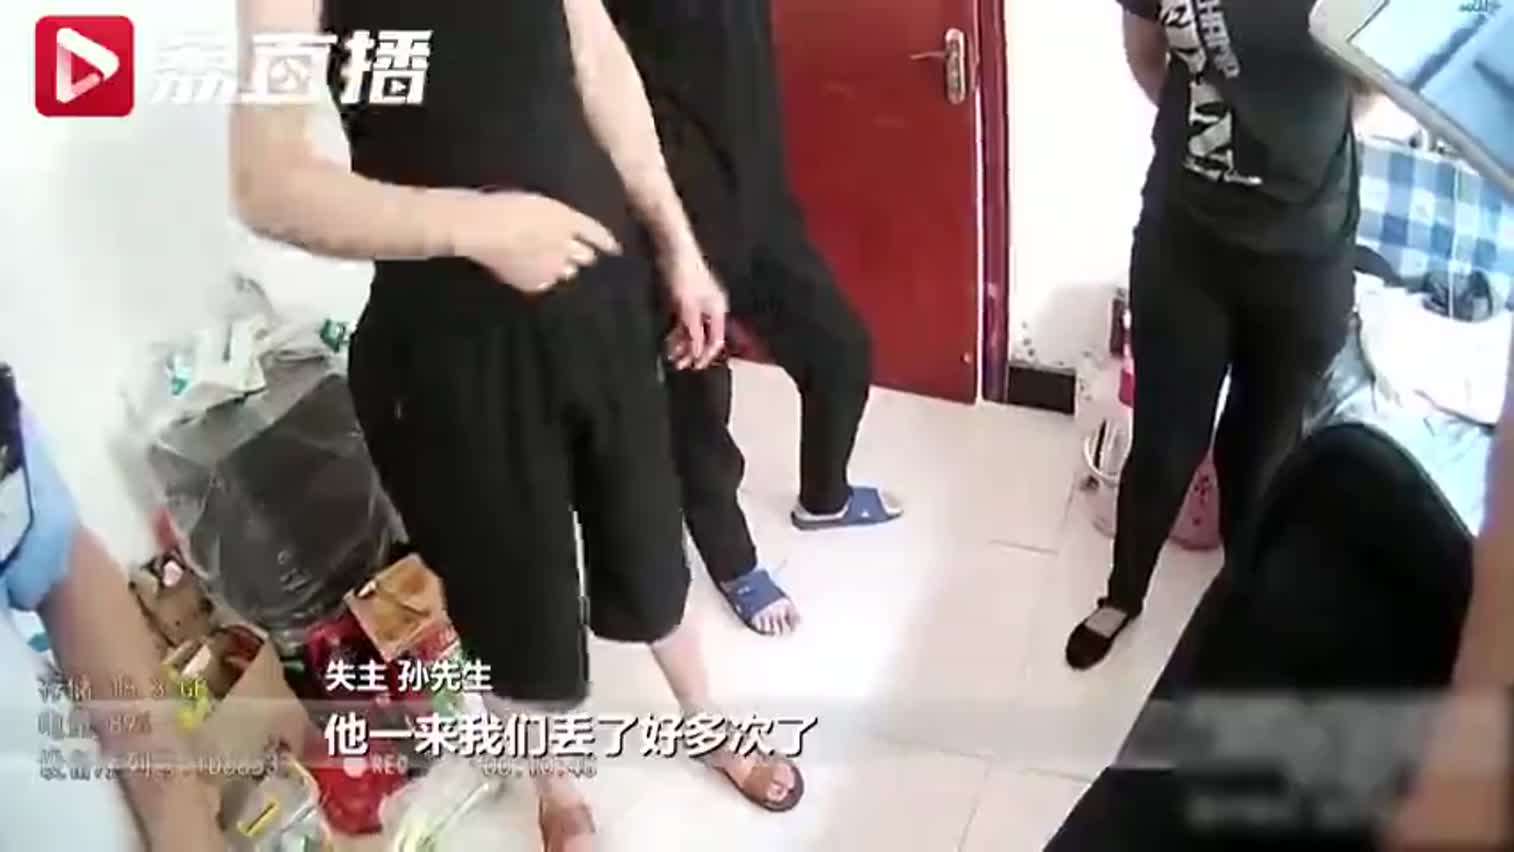 视频:主人偷拍小偷撬门被发现 下一秒小偷提刀冲上